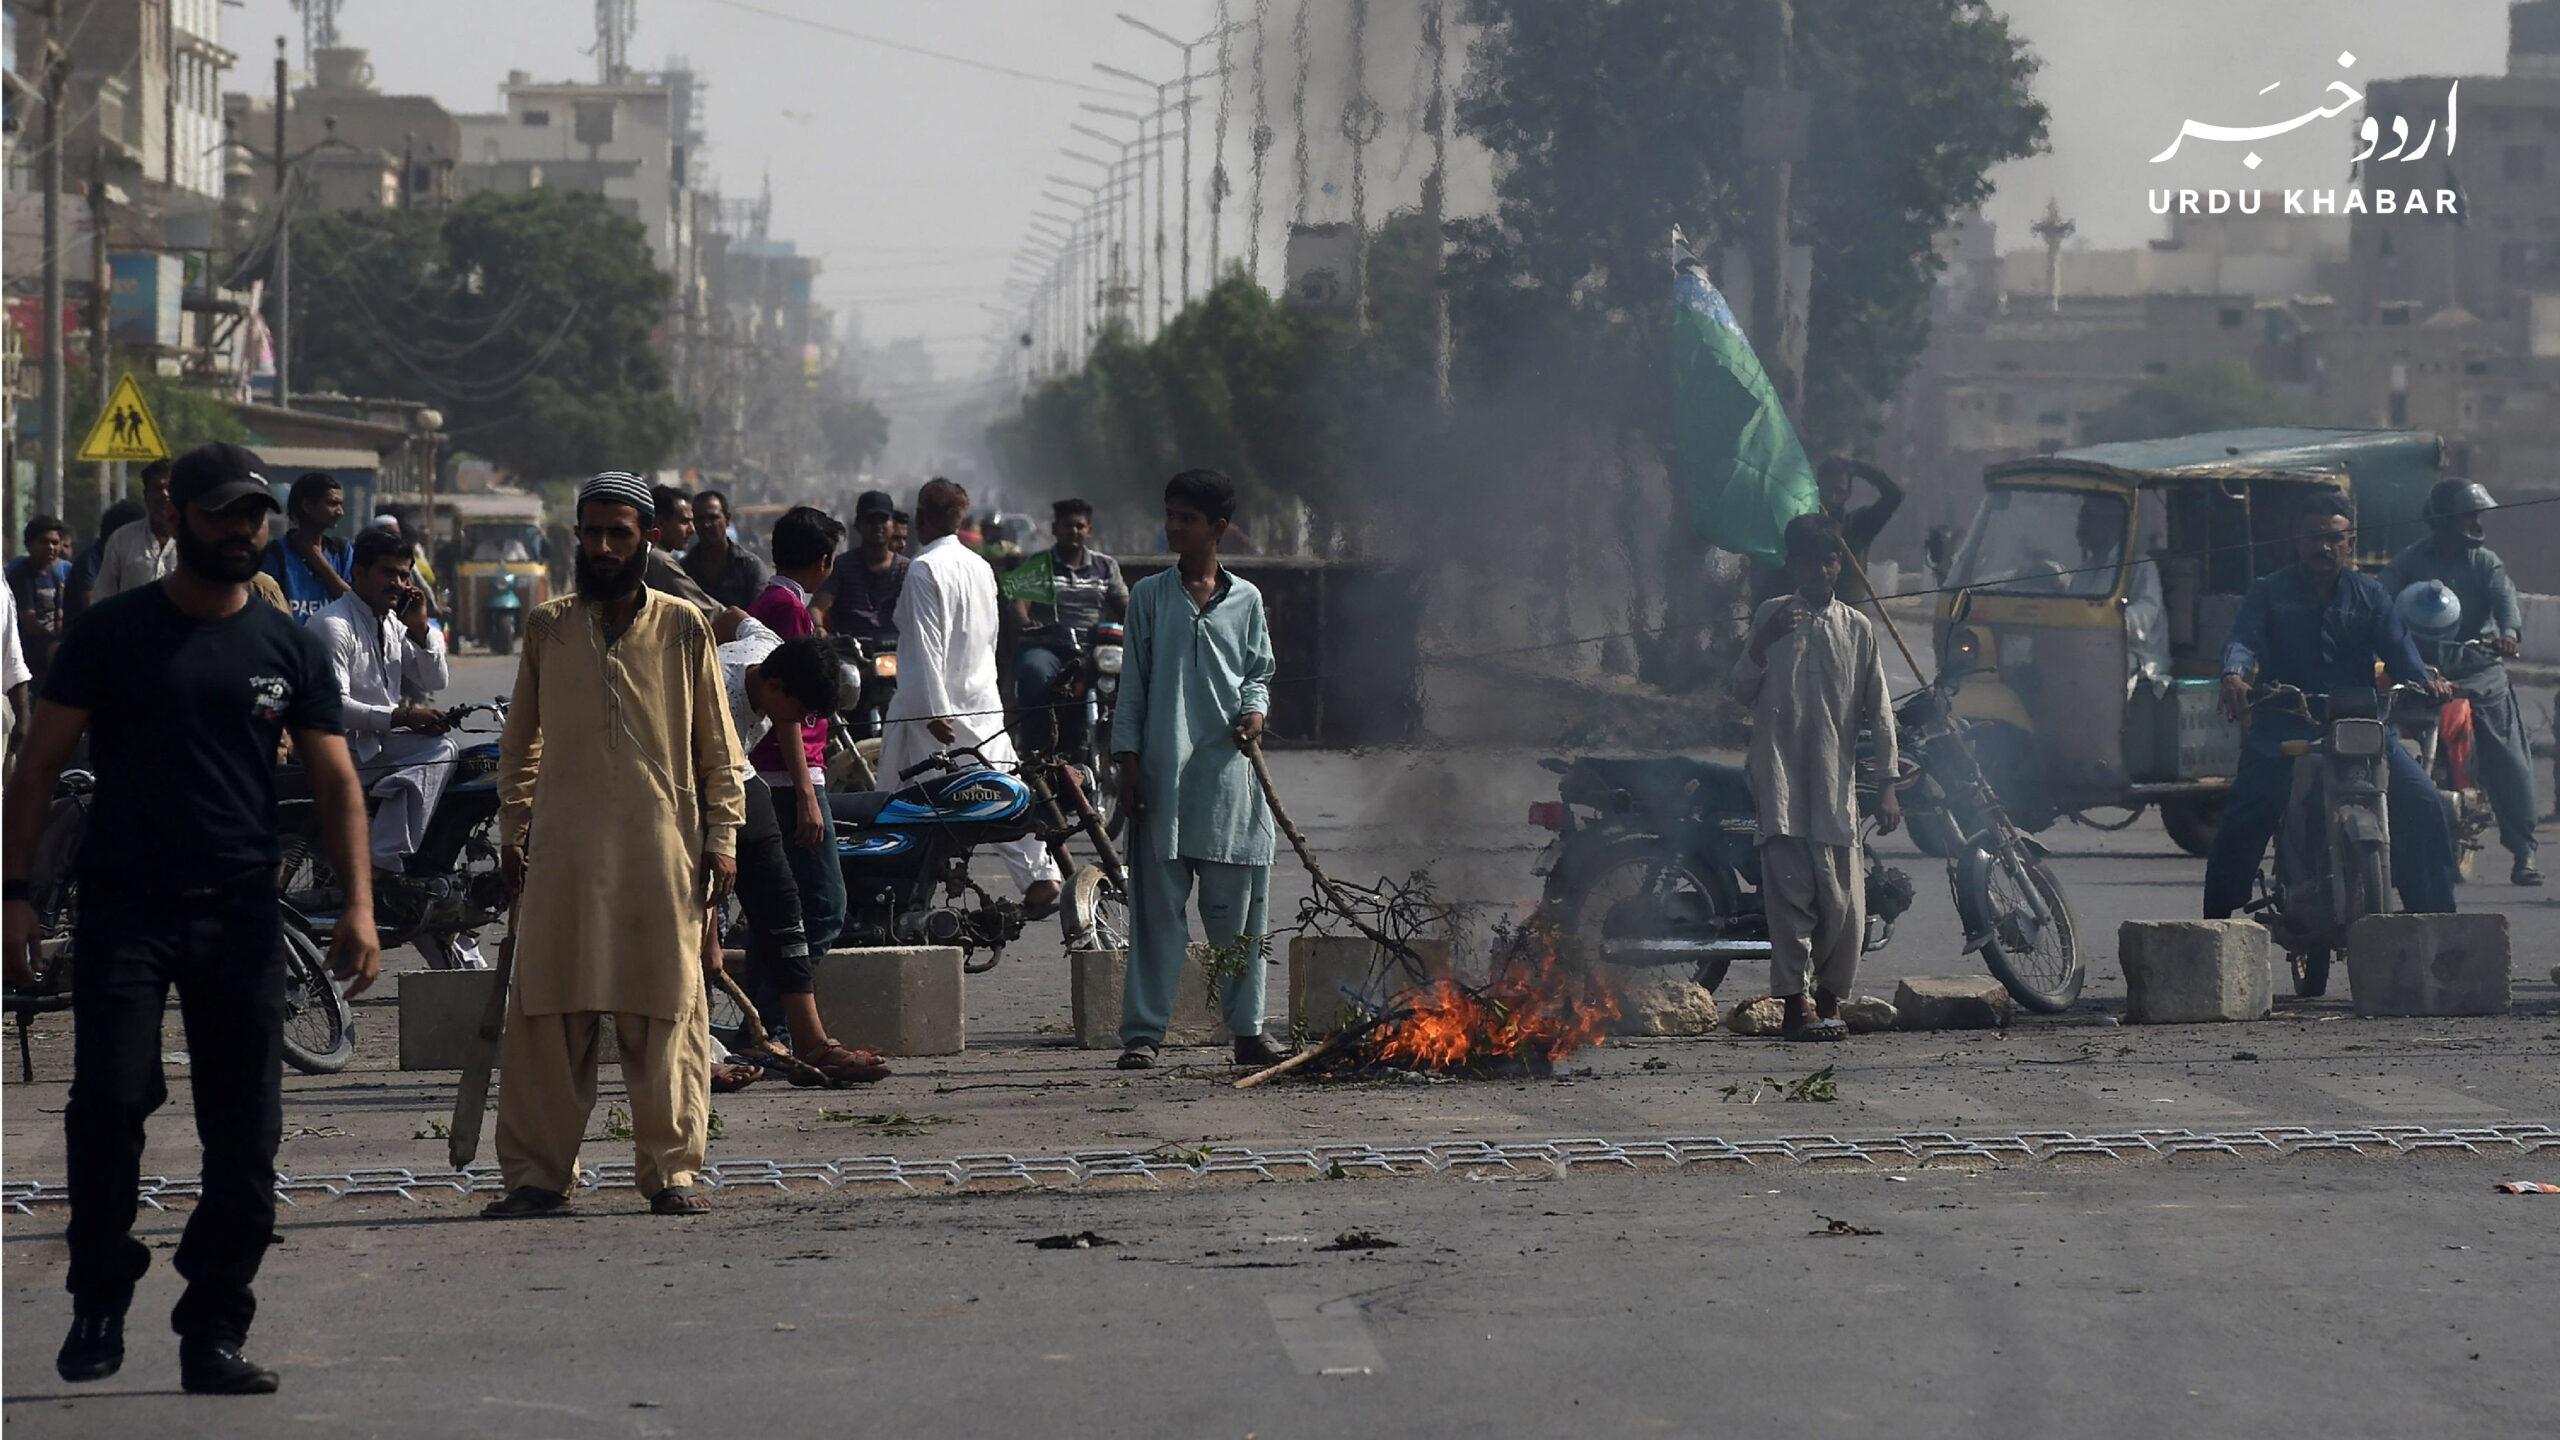 ٹی ایل پی کارکنوں نے لاہور پولیس سٹیشن پر دھاوا بول دیا، پولیس زرائع